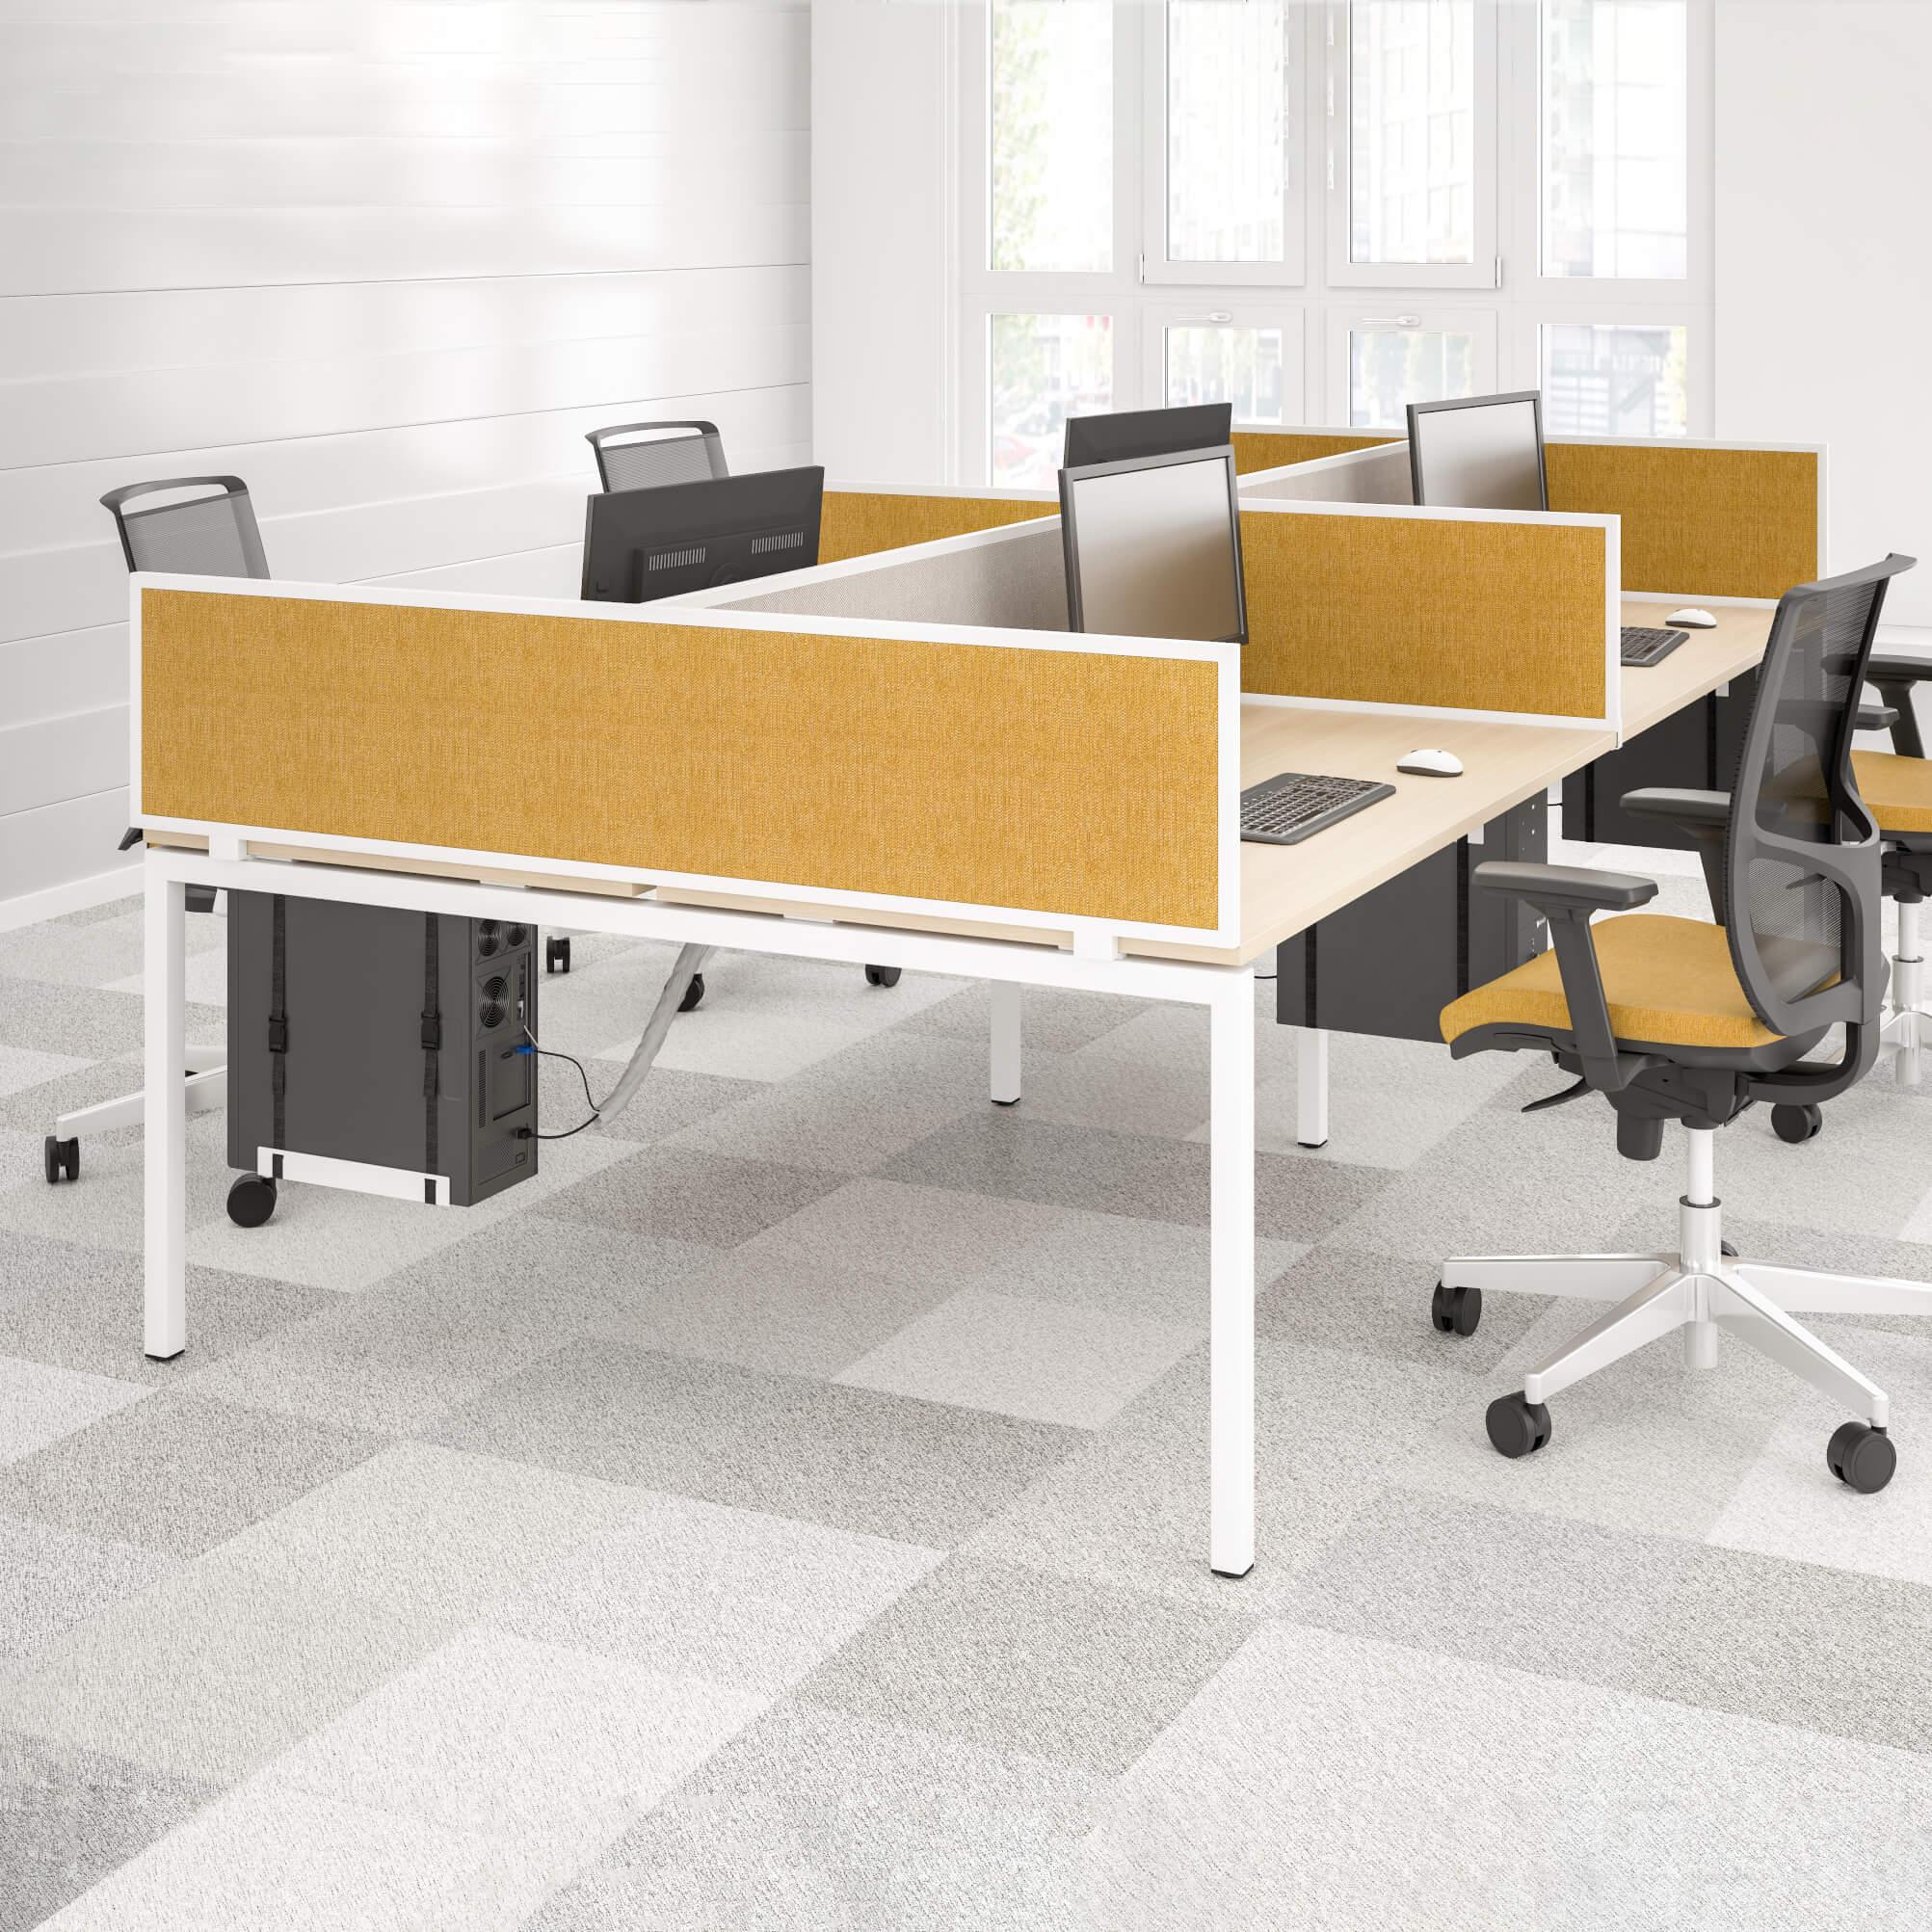 NOVA 2er Gruppenarbeitsplatz Ahorn Team Bench Schreibtisch Doppel-Arbeitsplatz